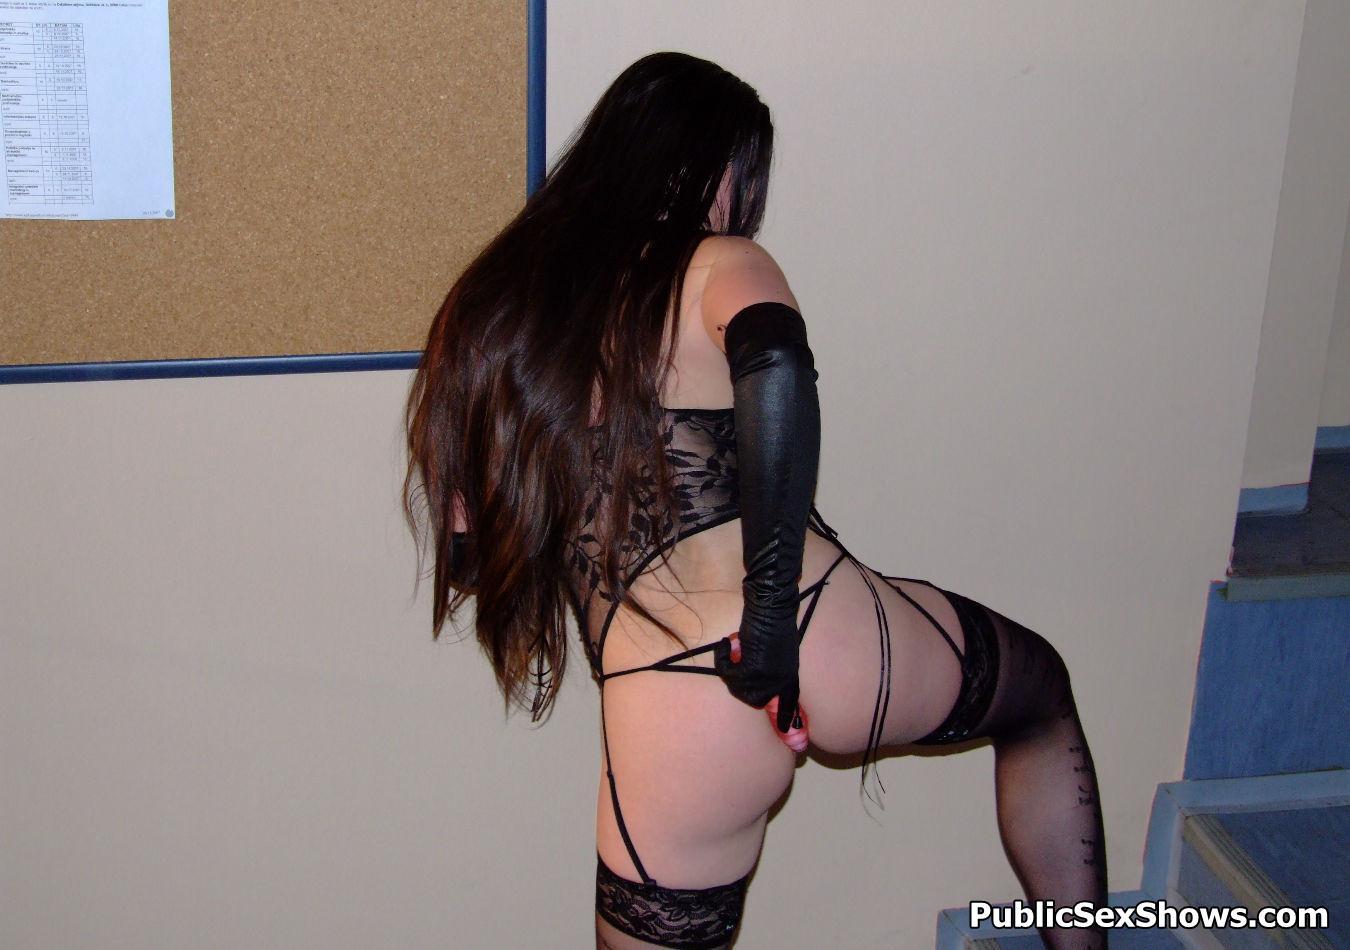 sexo publico escort foto